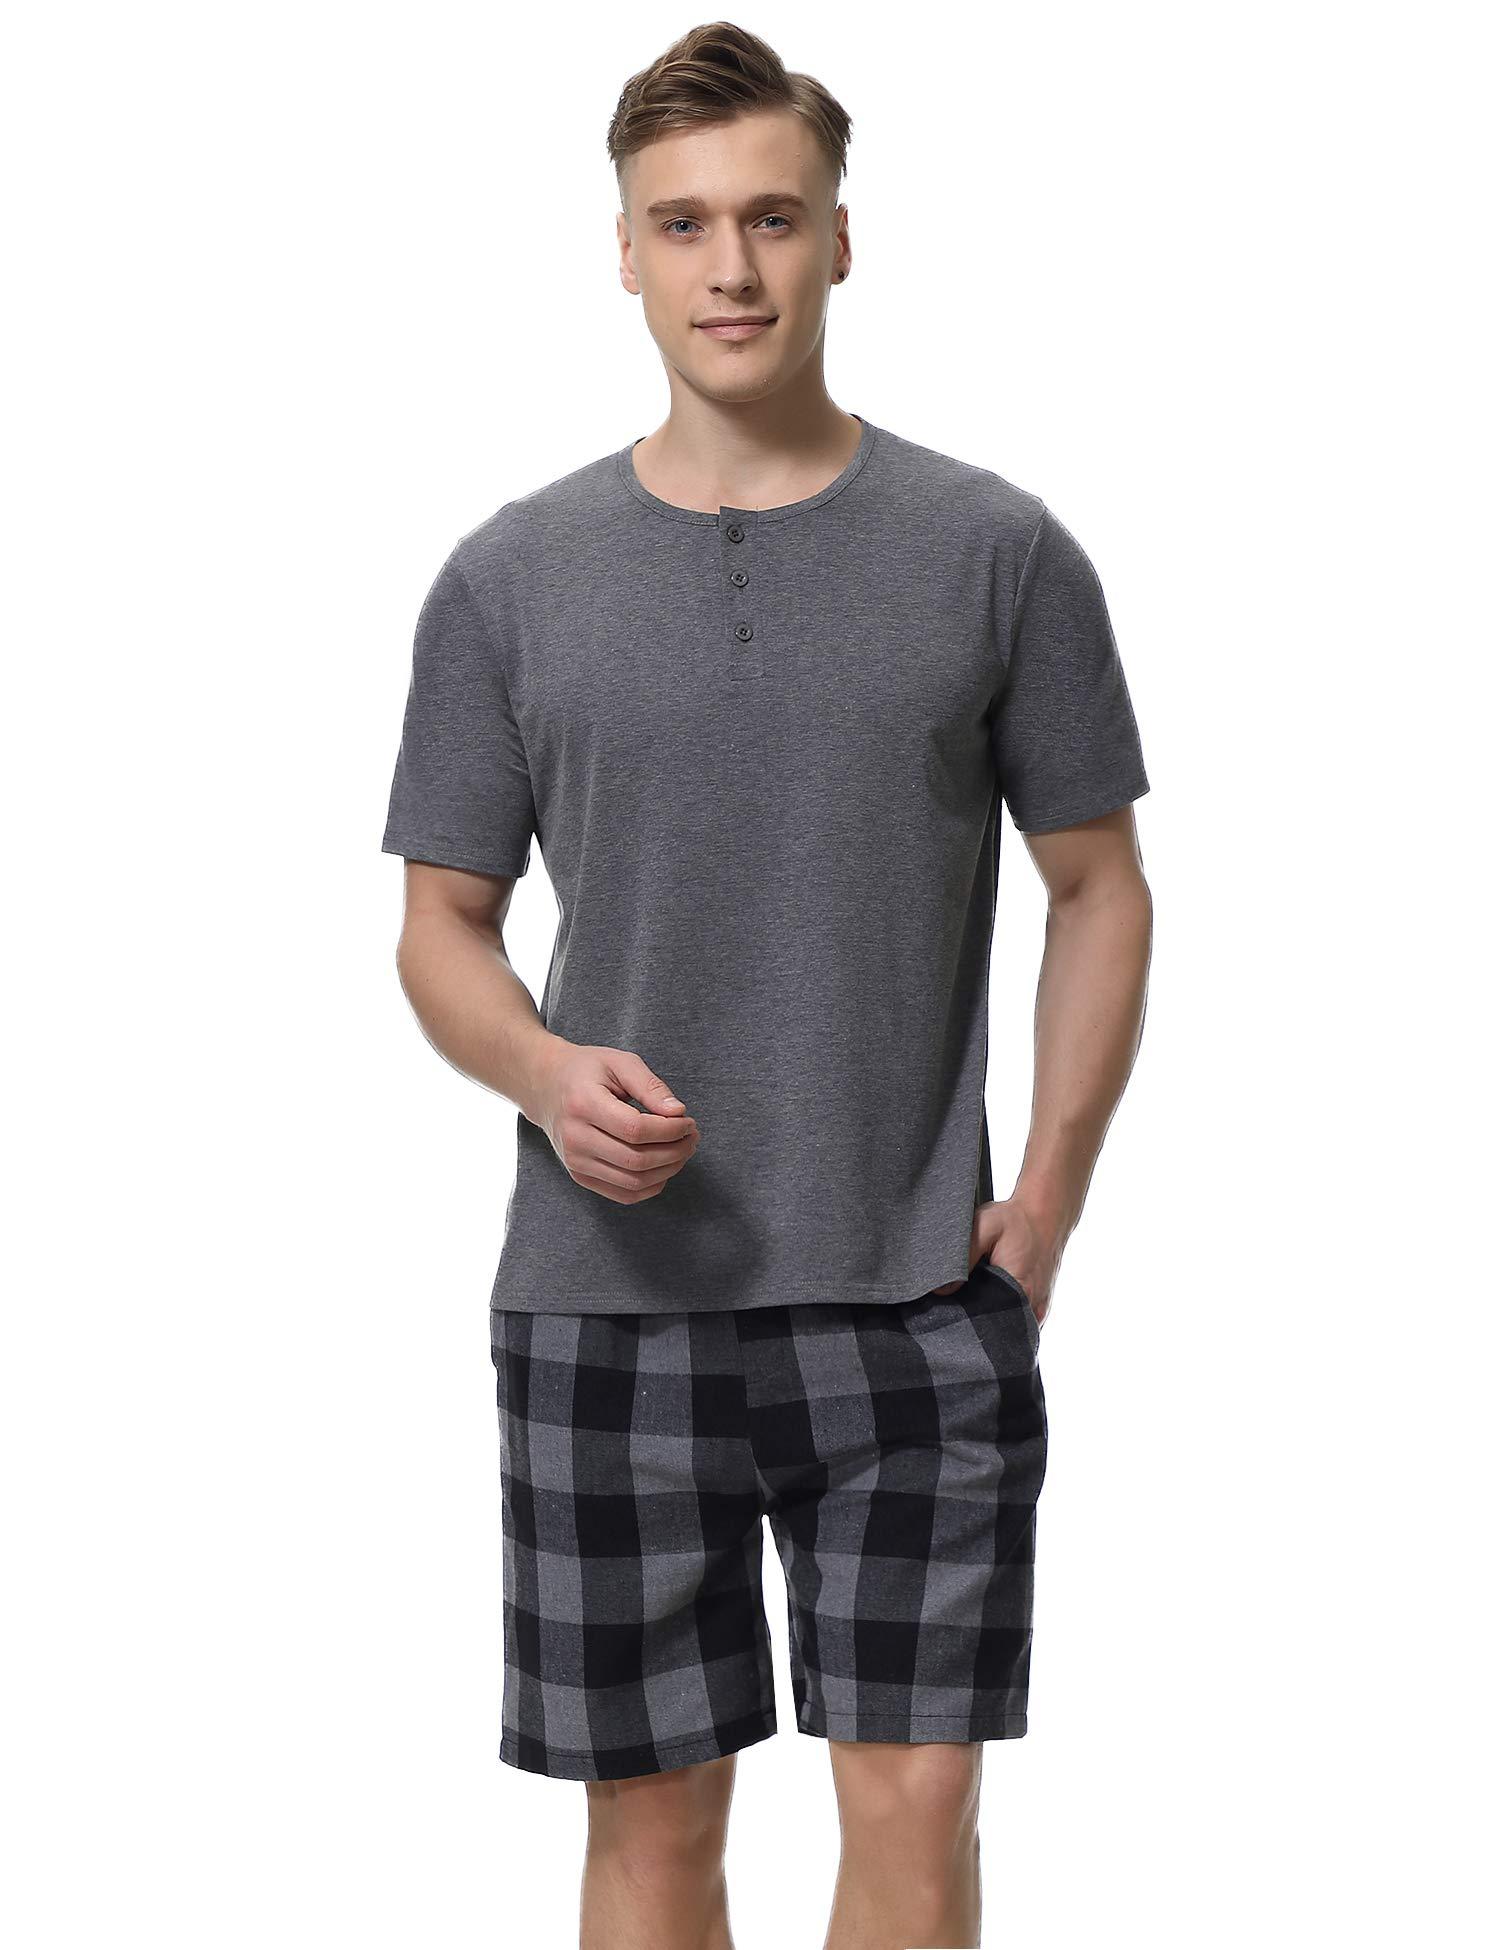 8816b5f9aa Mejor valorados en Pijamas para hombre   Opiniones útiles de ...